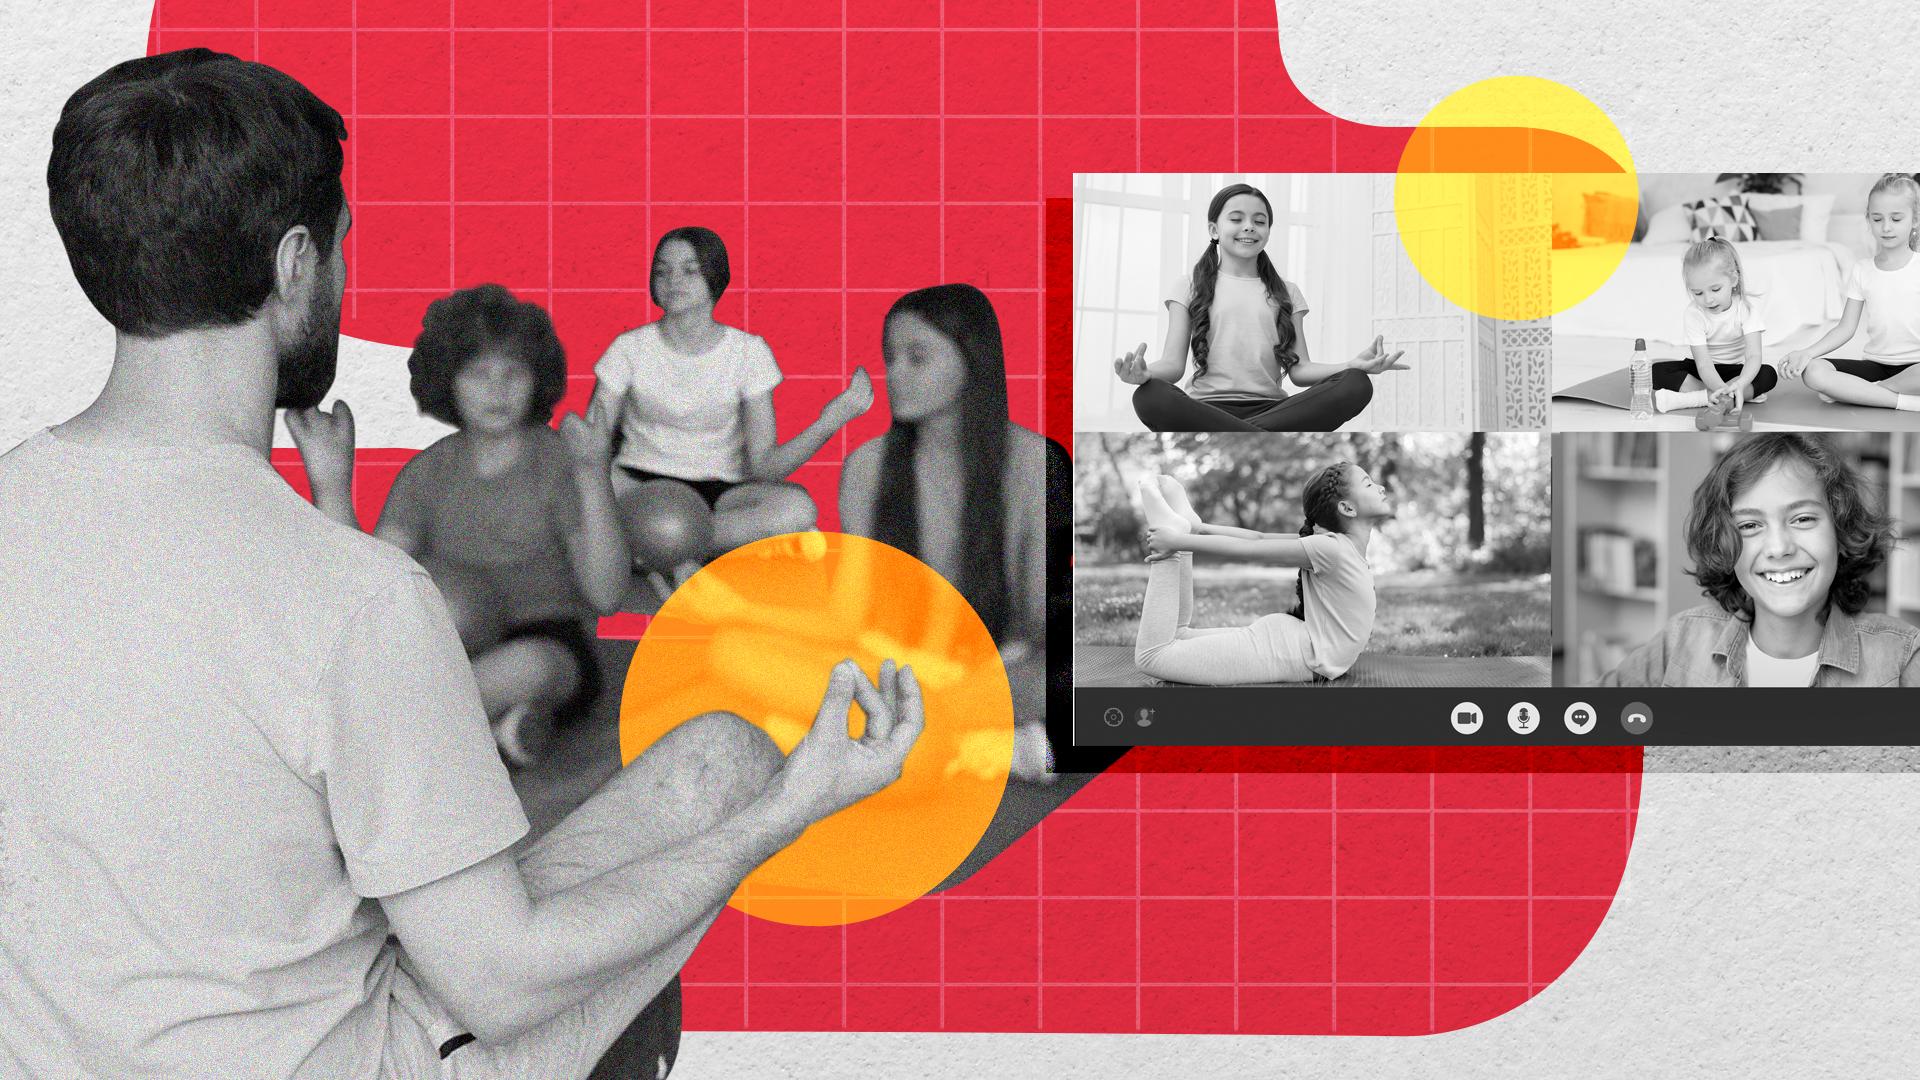 Las prácticas de yoga en escuelas que ayudaron a transitar la pandemia